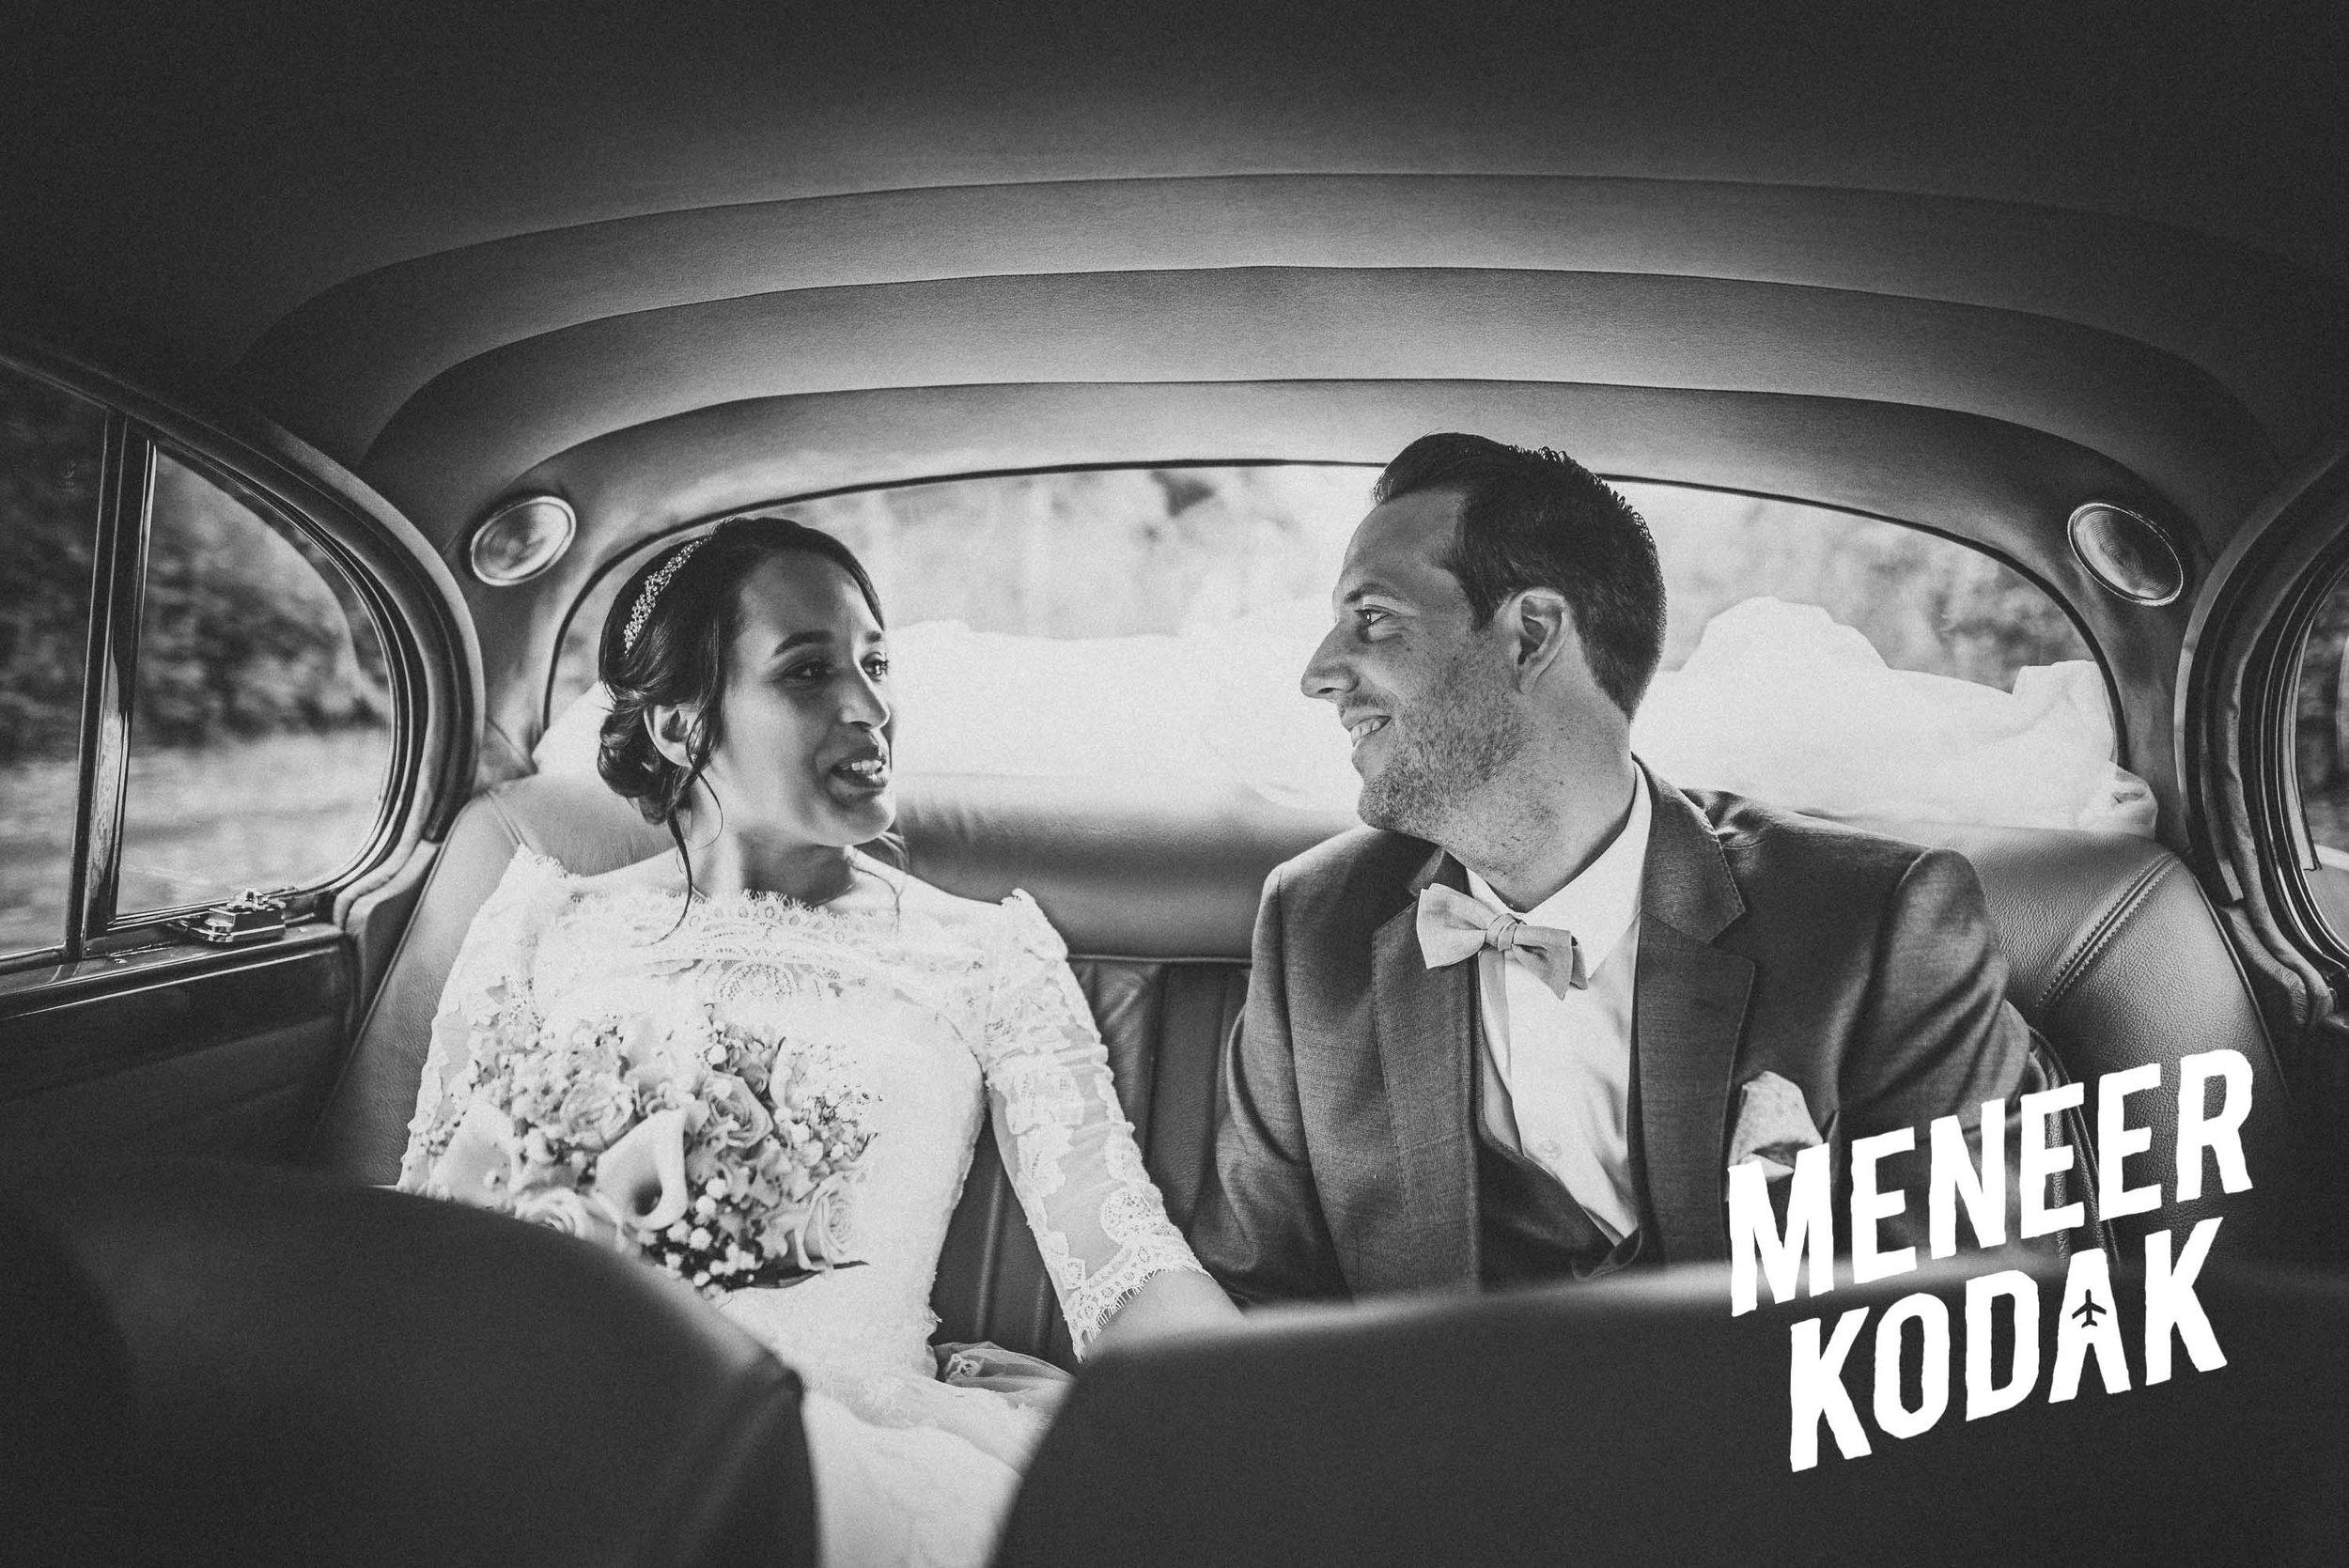 Meneer Kodak - Trouwfotograaf - Gent - D&T-018.jpg